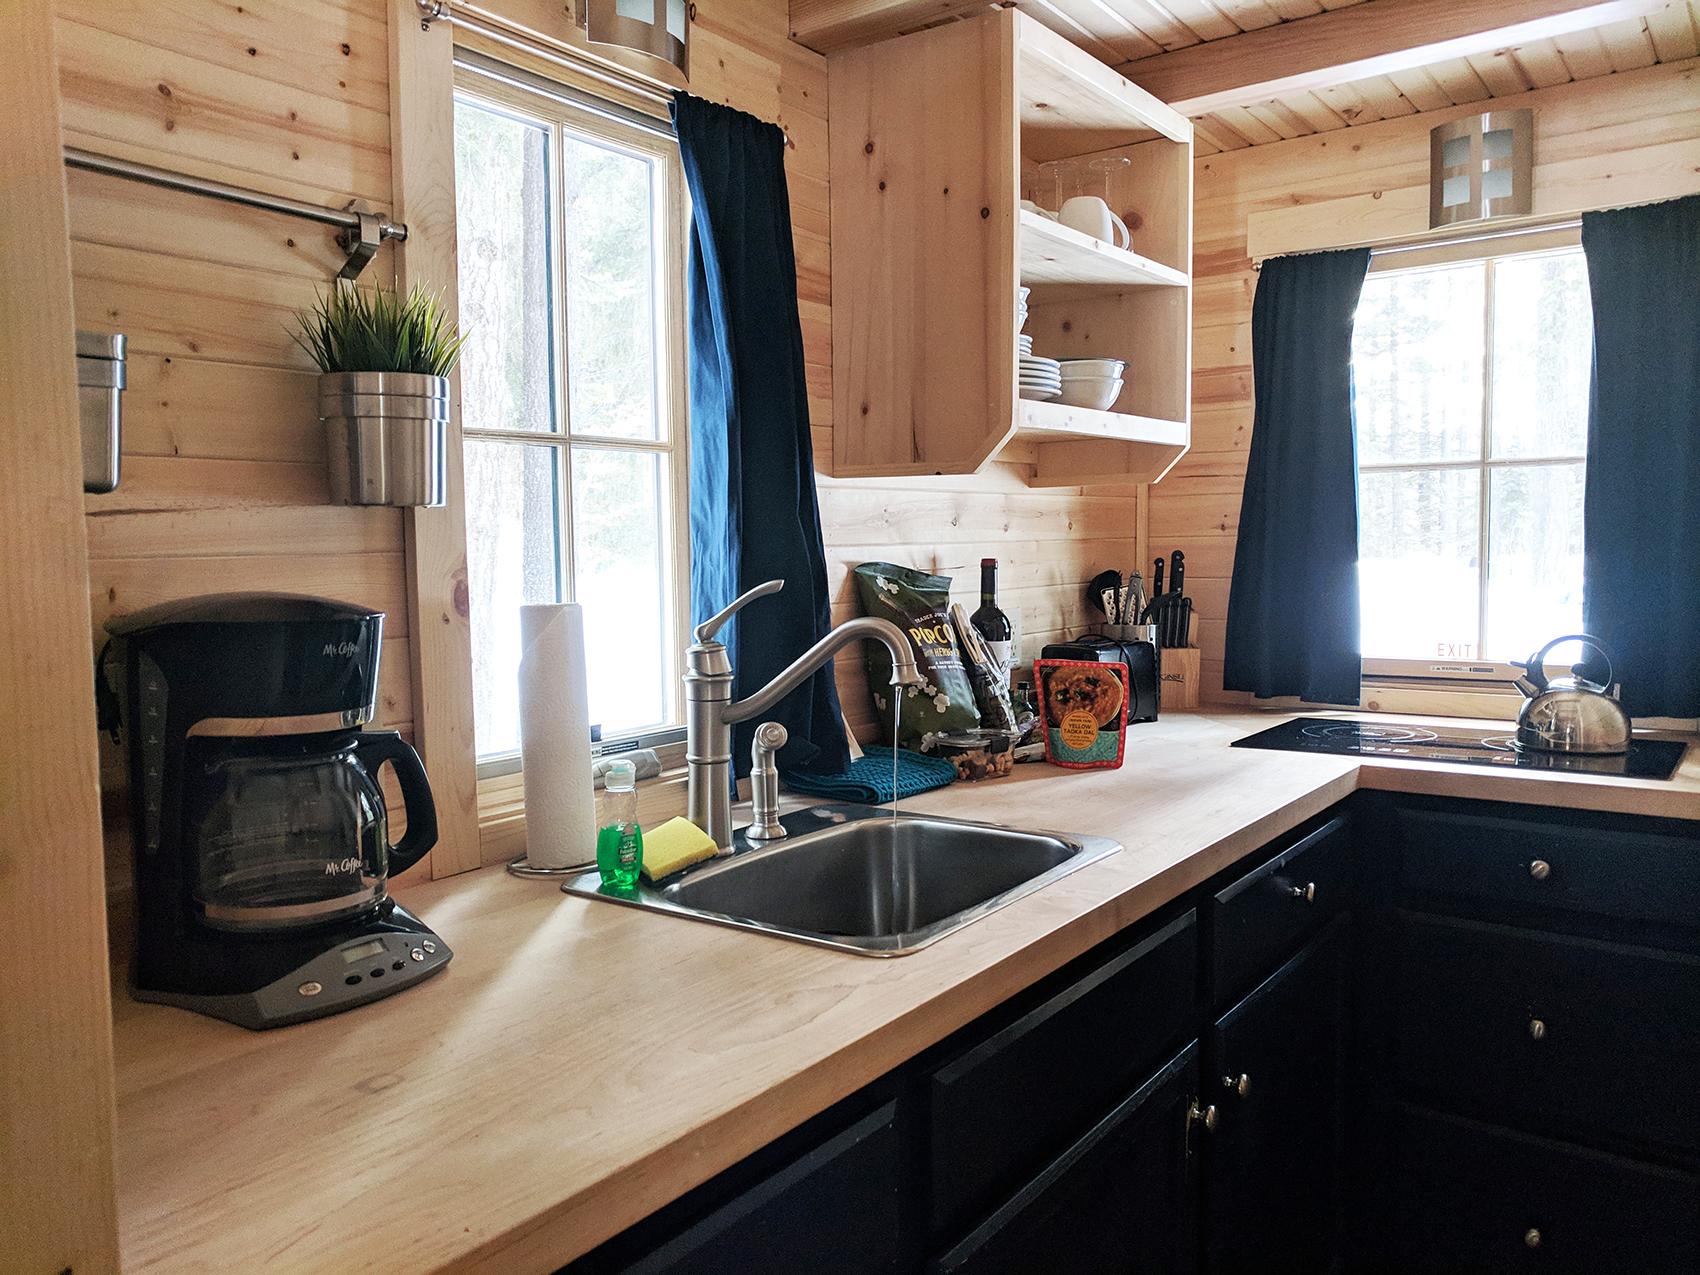 Otto tiny home kitchen